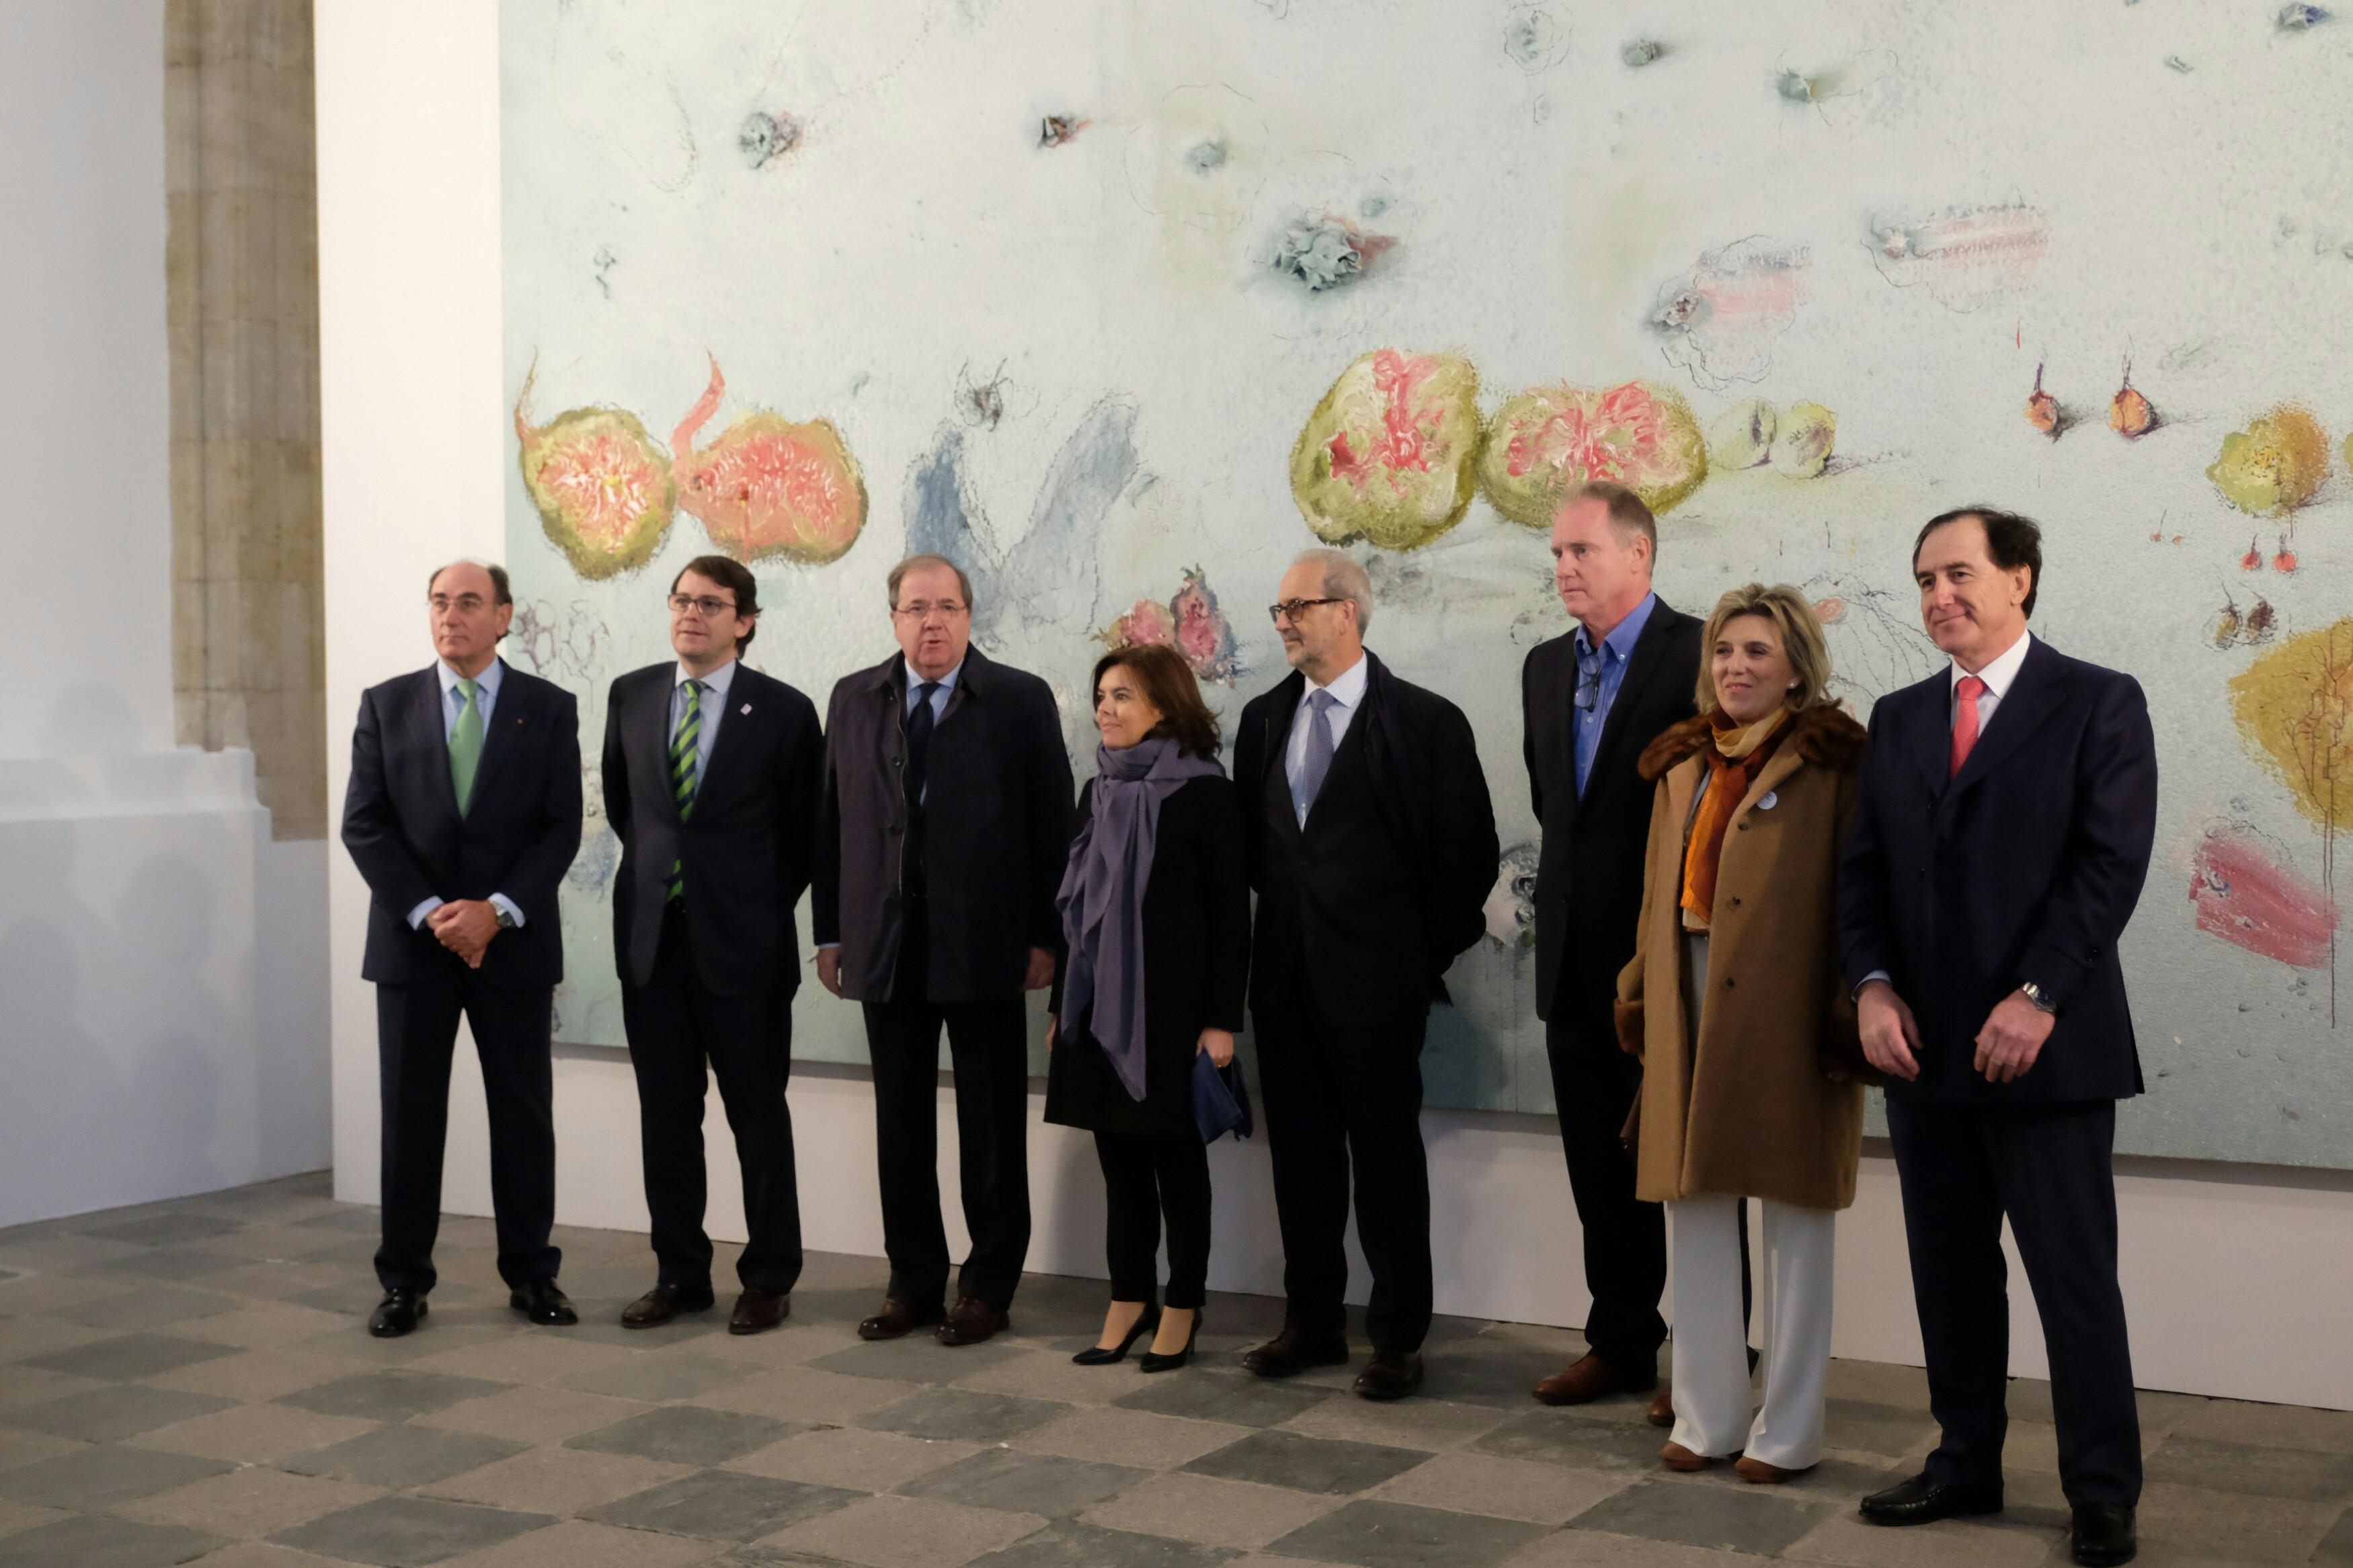 Inauguración de la exposición 'El Arca de Noé', de Miquel Barceló en Salamanca.